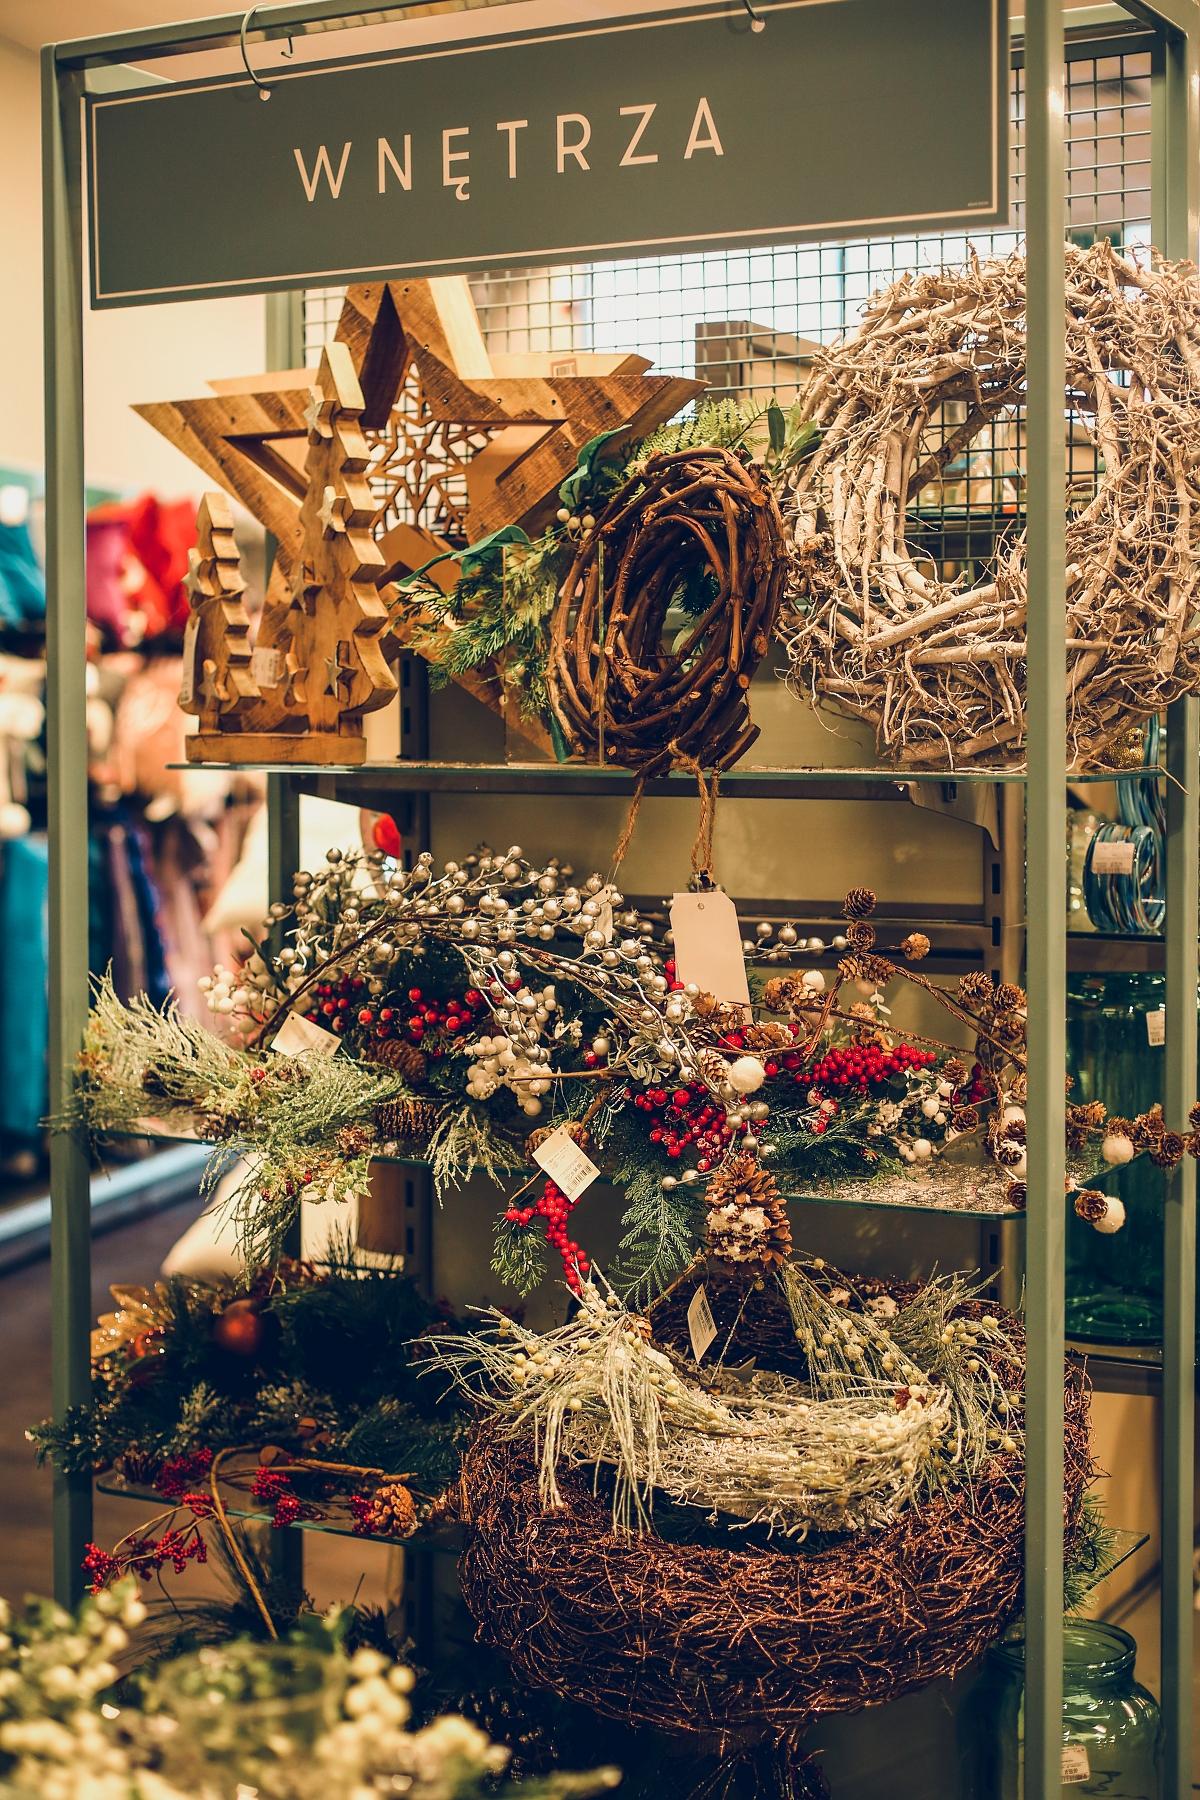 świąteczne prezenty dla każdego TK Maxx wnętrza wieńce